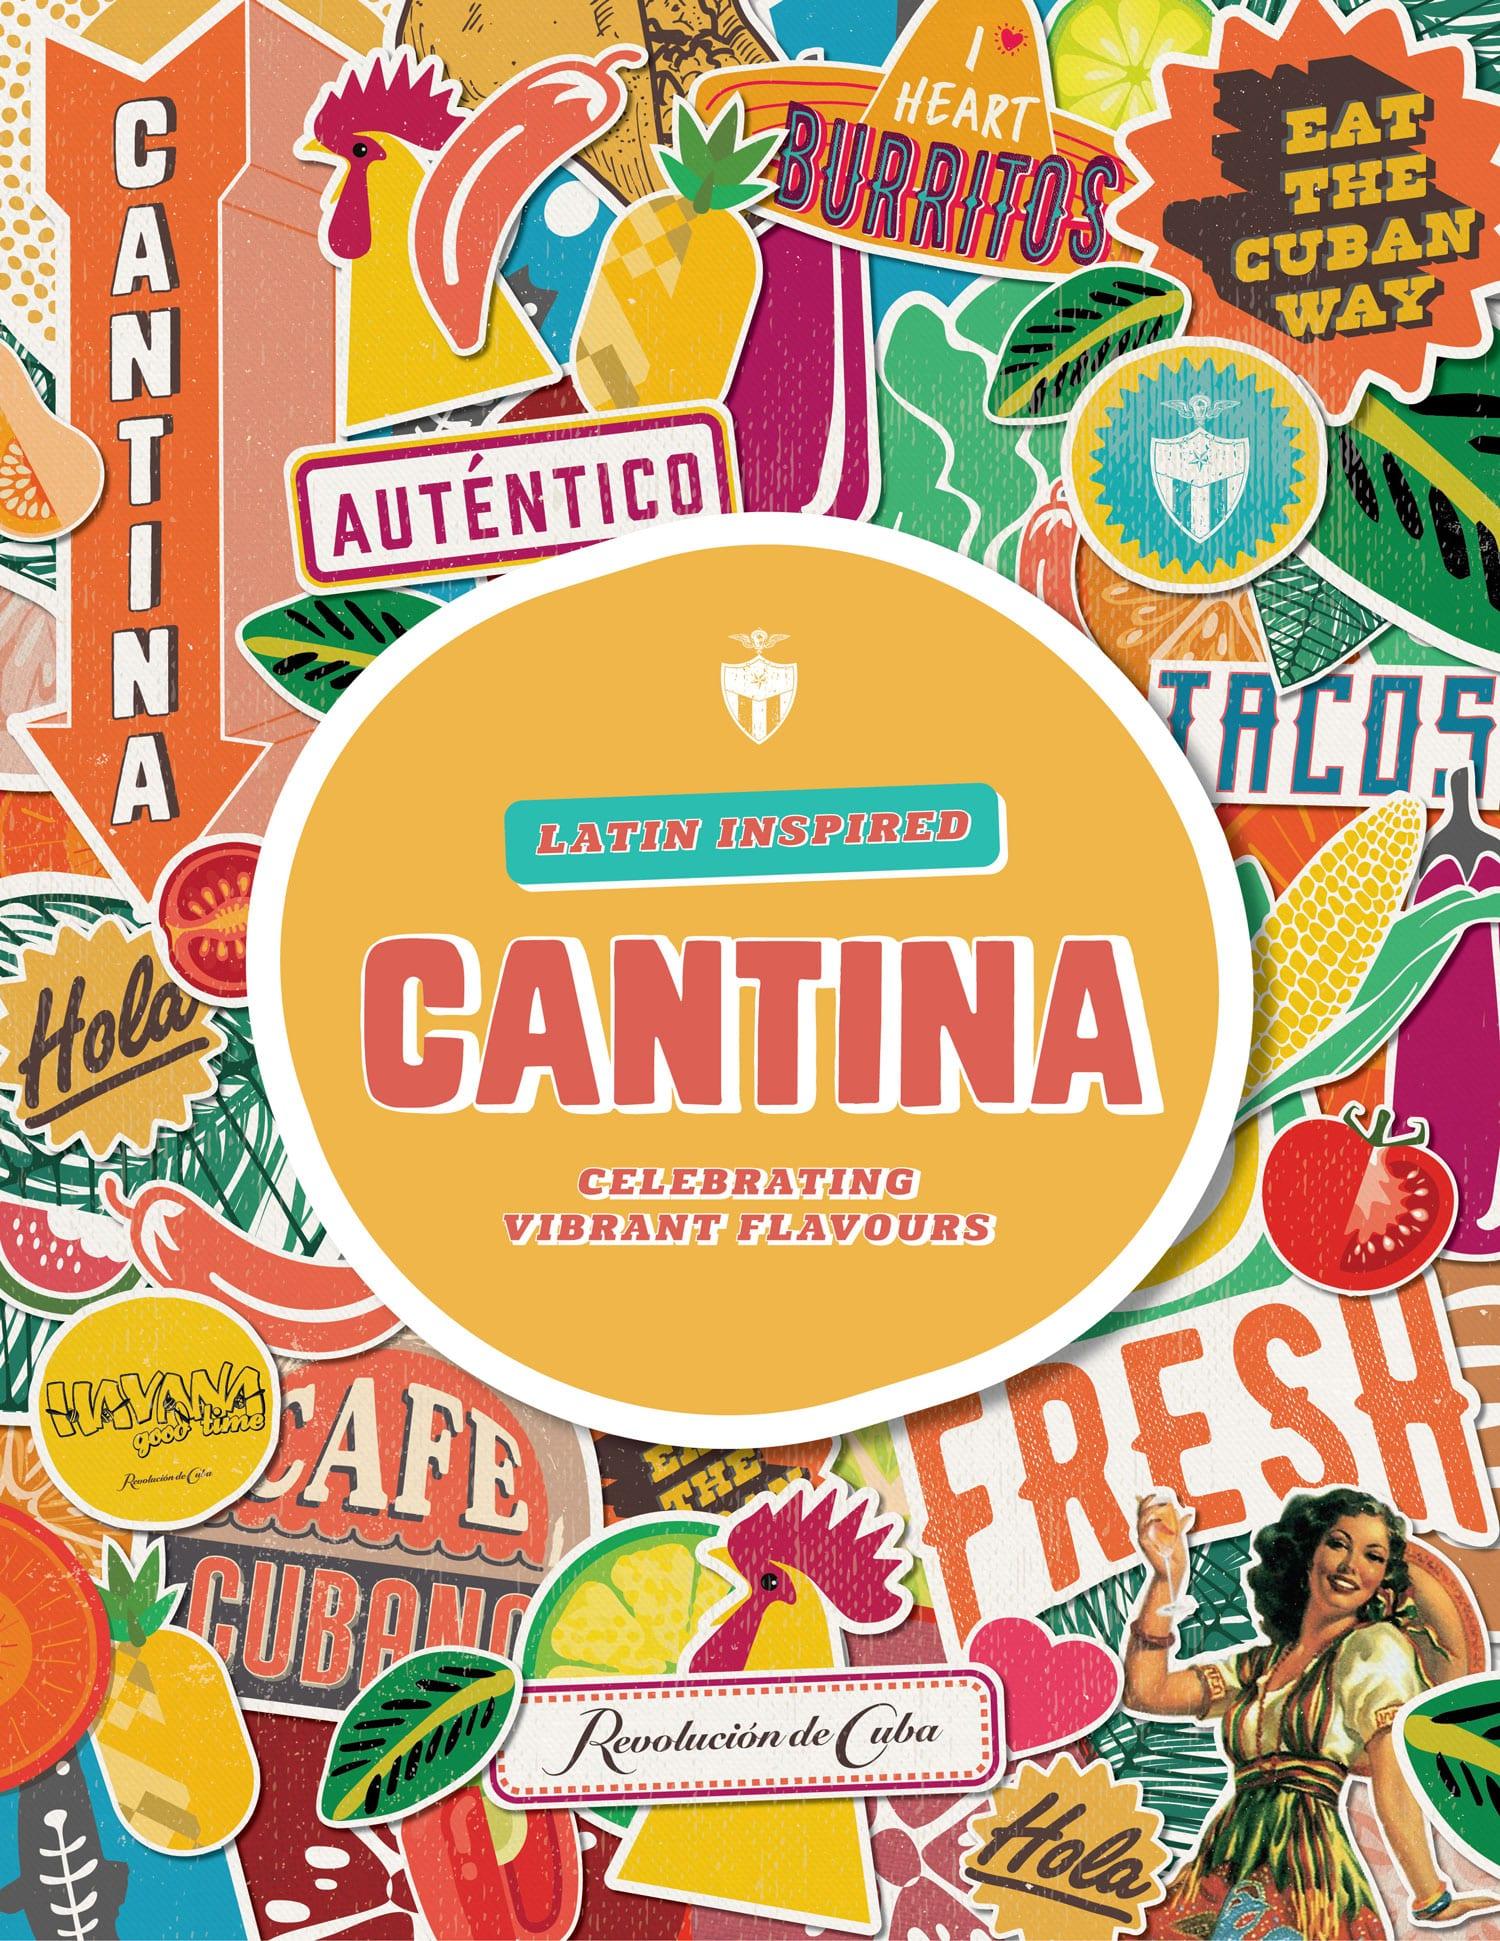 Revolución de Cuba Cantina